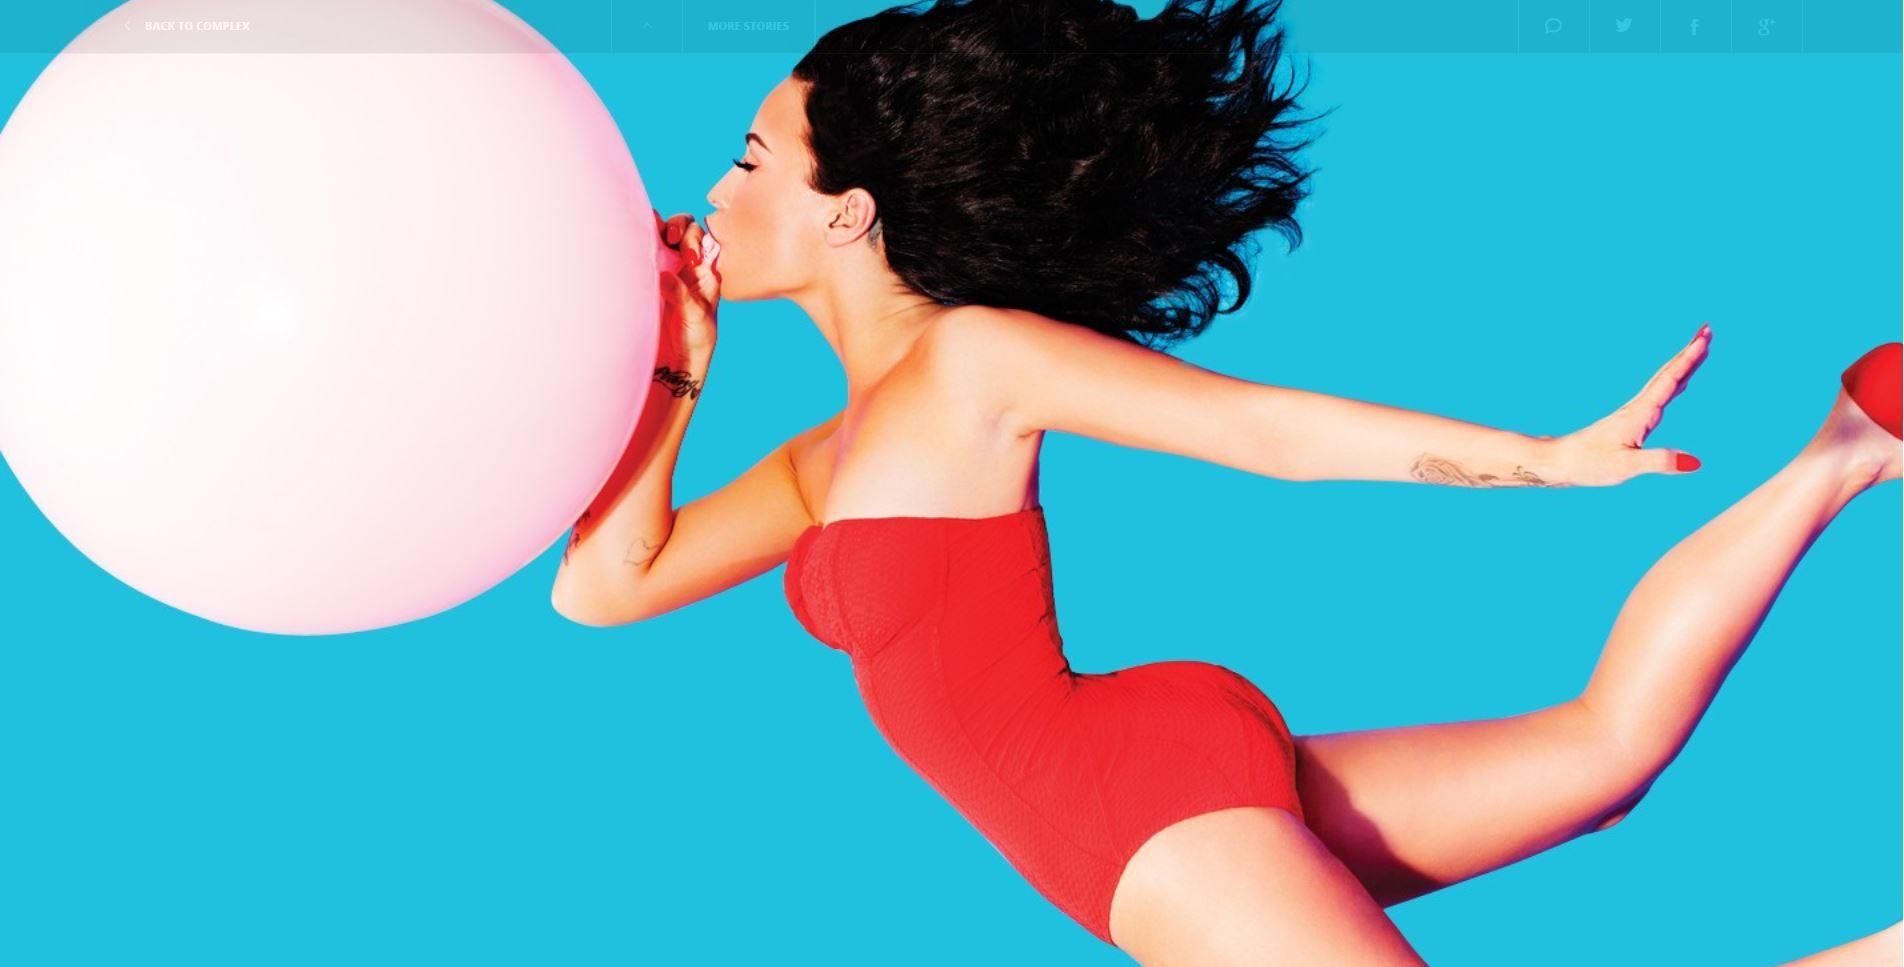 Demi-Lovato-Sexy-Topless-2